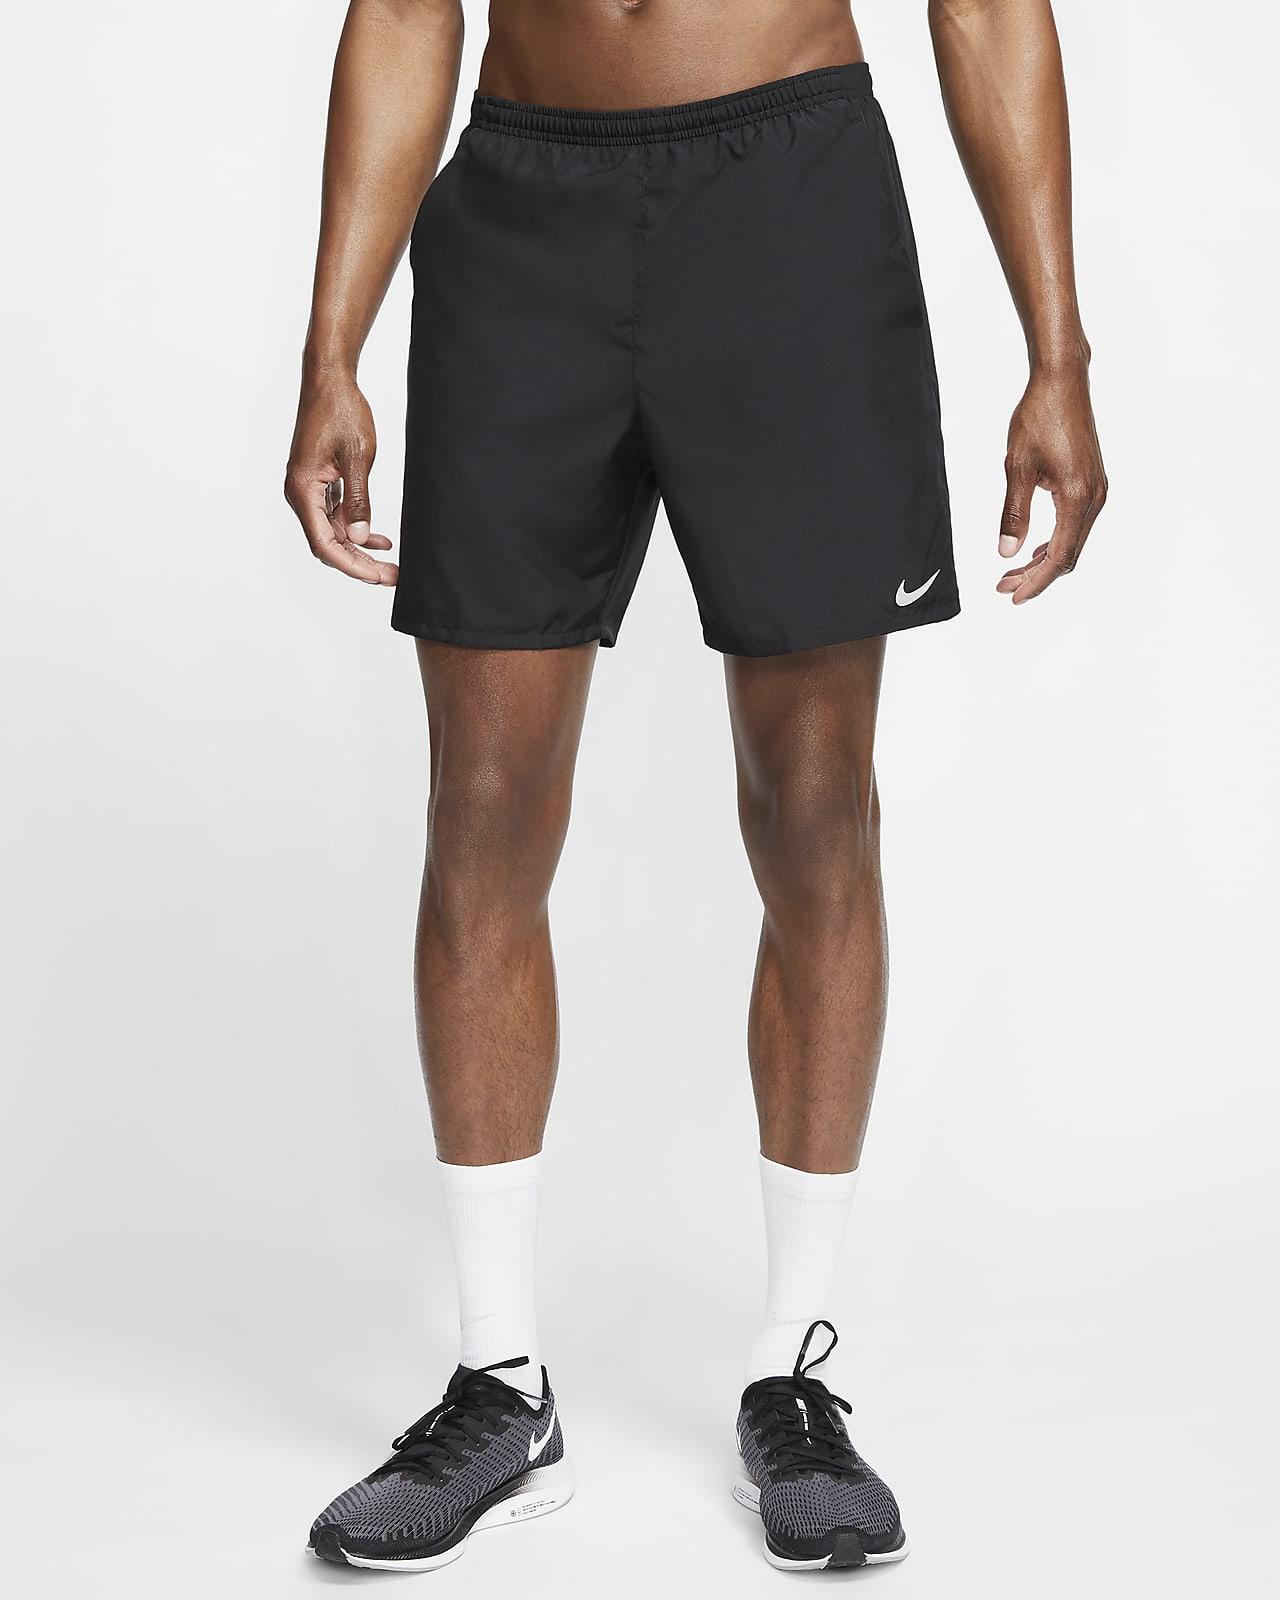 Nike Dri-FIT Run Herren-Laufshorts (ca. 18 cm)